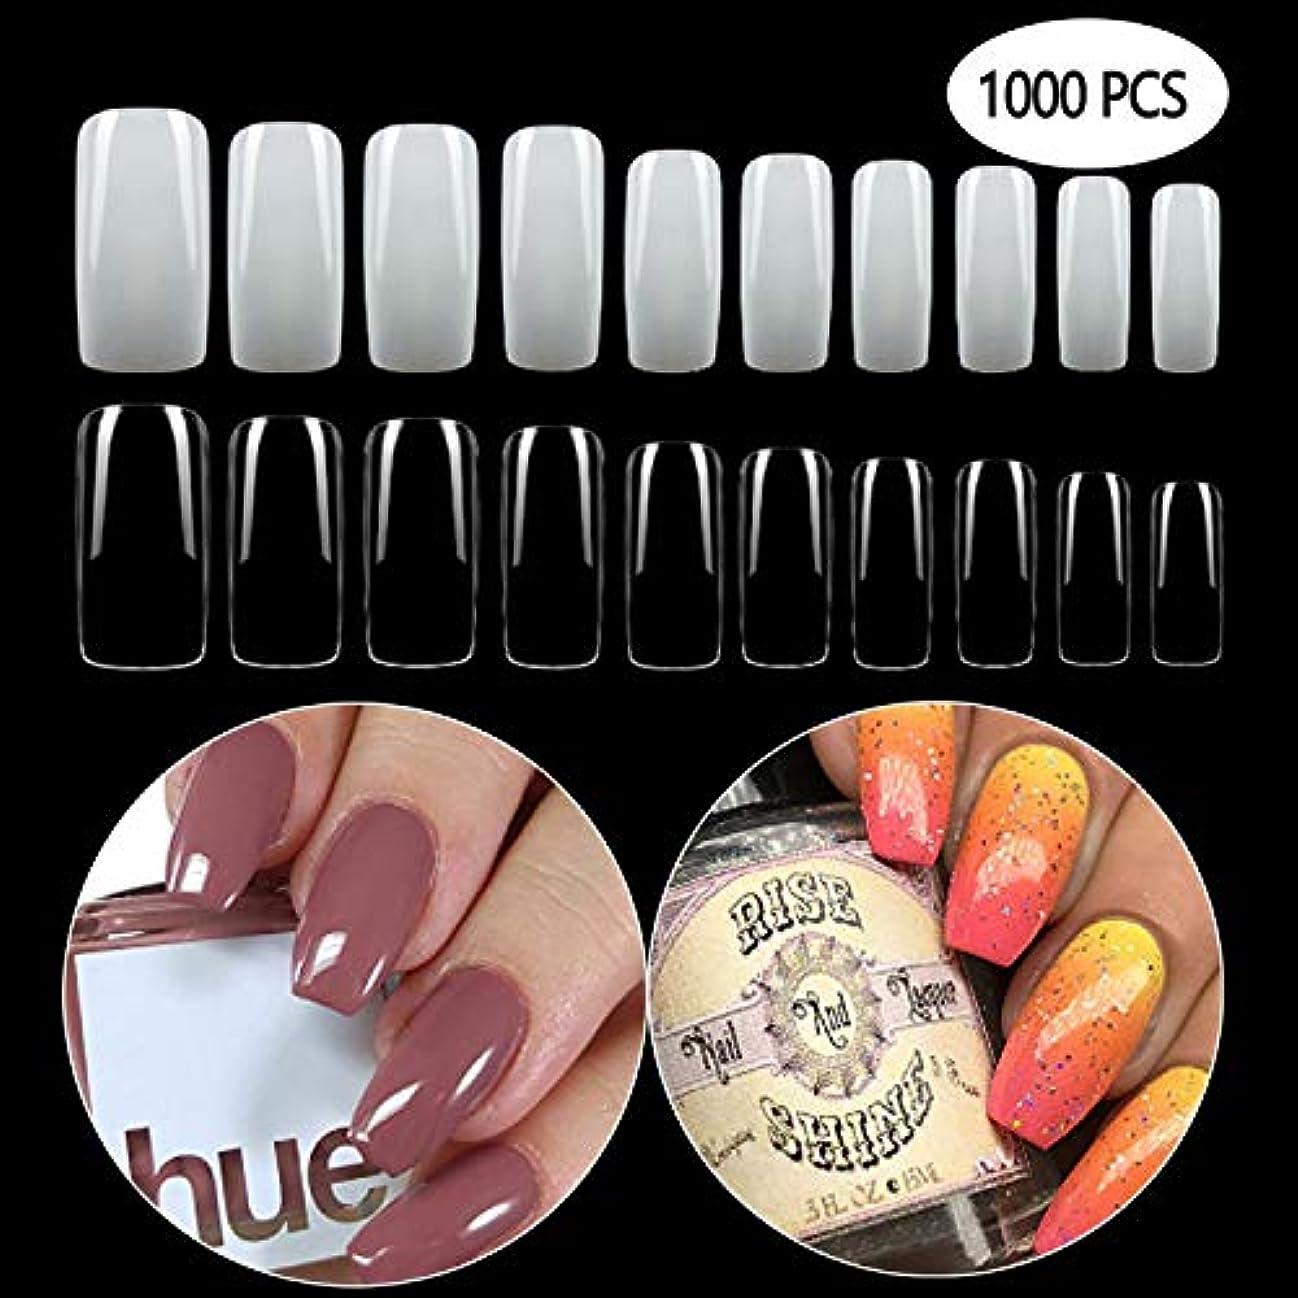 黒くする平日ラインナップGCOA 1000枚入れ ネイルチップ 偽爪 つけ爪 ネイル用品 10サイズ ショート デコレーション 無地 付け爪 練習用 爪にピッタリ 卵形 短い (500透明+500自然)